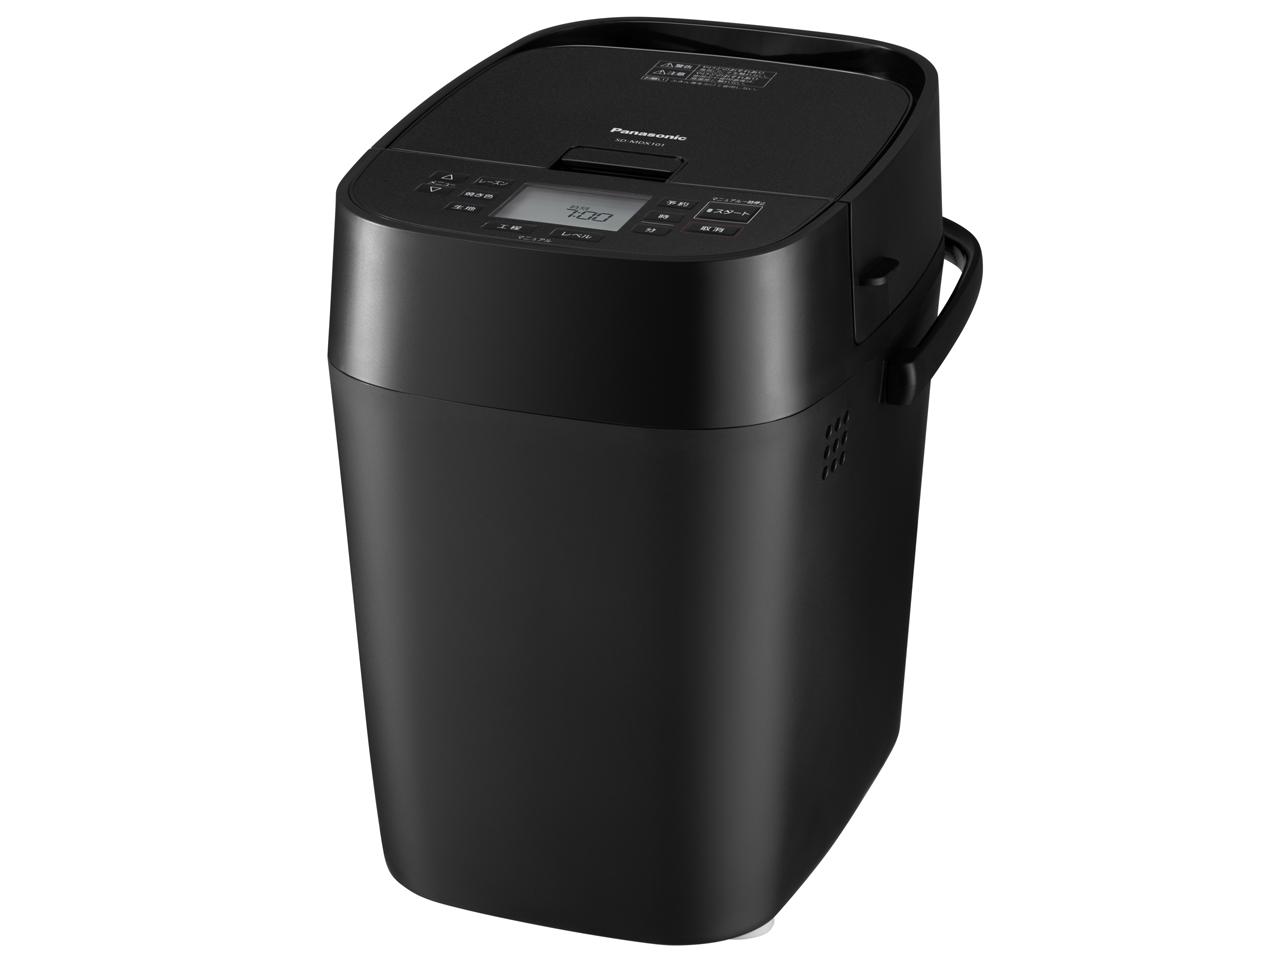 パナソニック ホームベーカリー 1斤タイプ ブラック SD-MDX101-K 【新品】【送料無料】